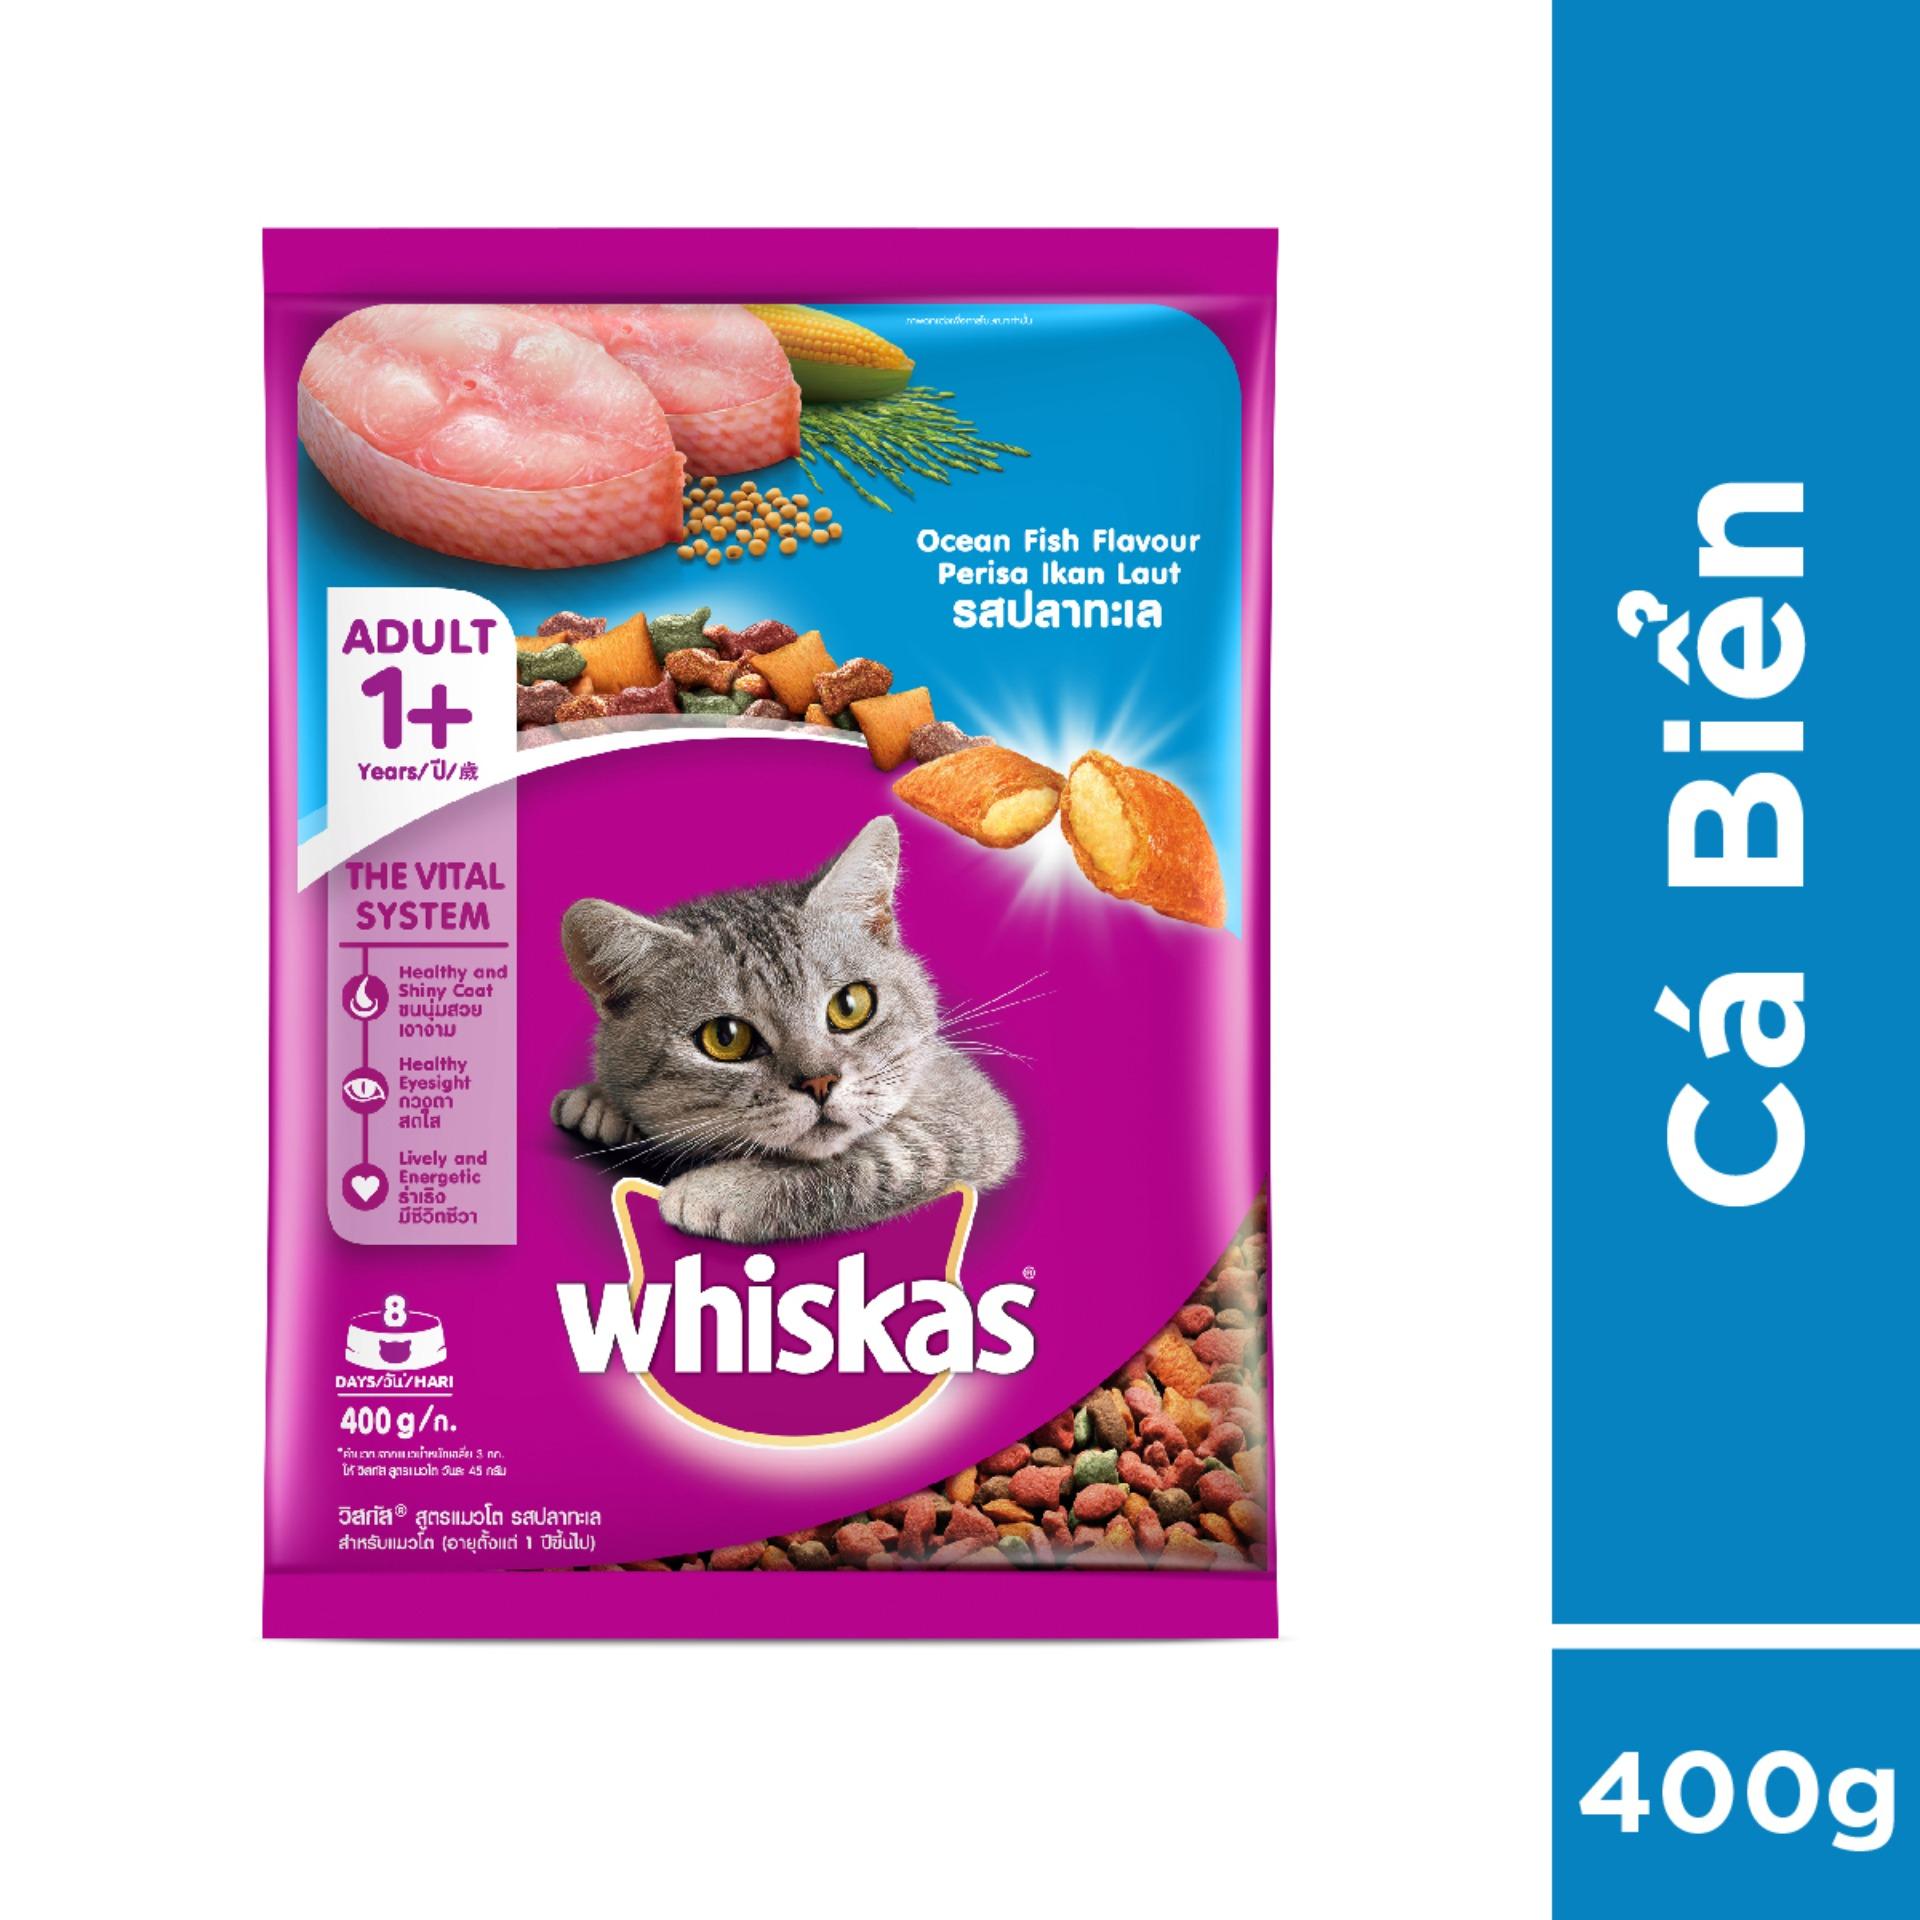 Thức ăn Cho Mèo Whiskas Vị Cá Biển Túi 400g Có Giá Rất Cạnh Tranh